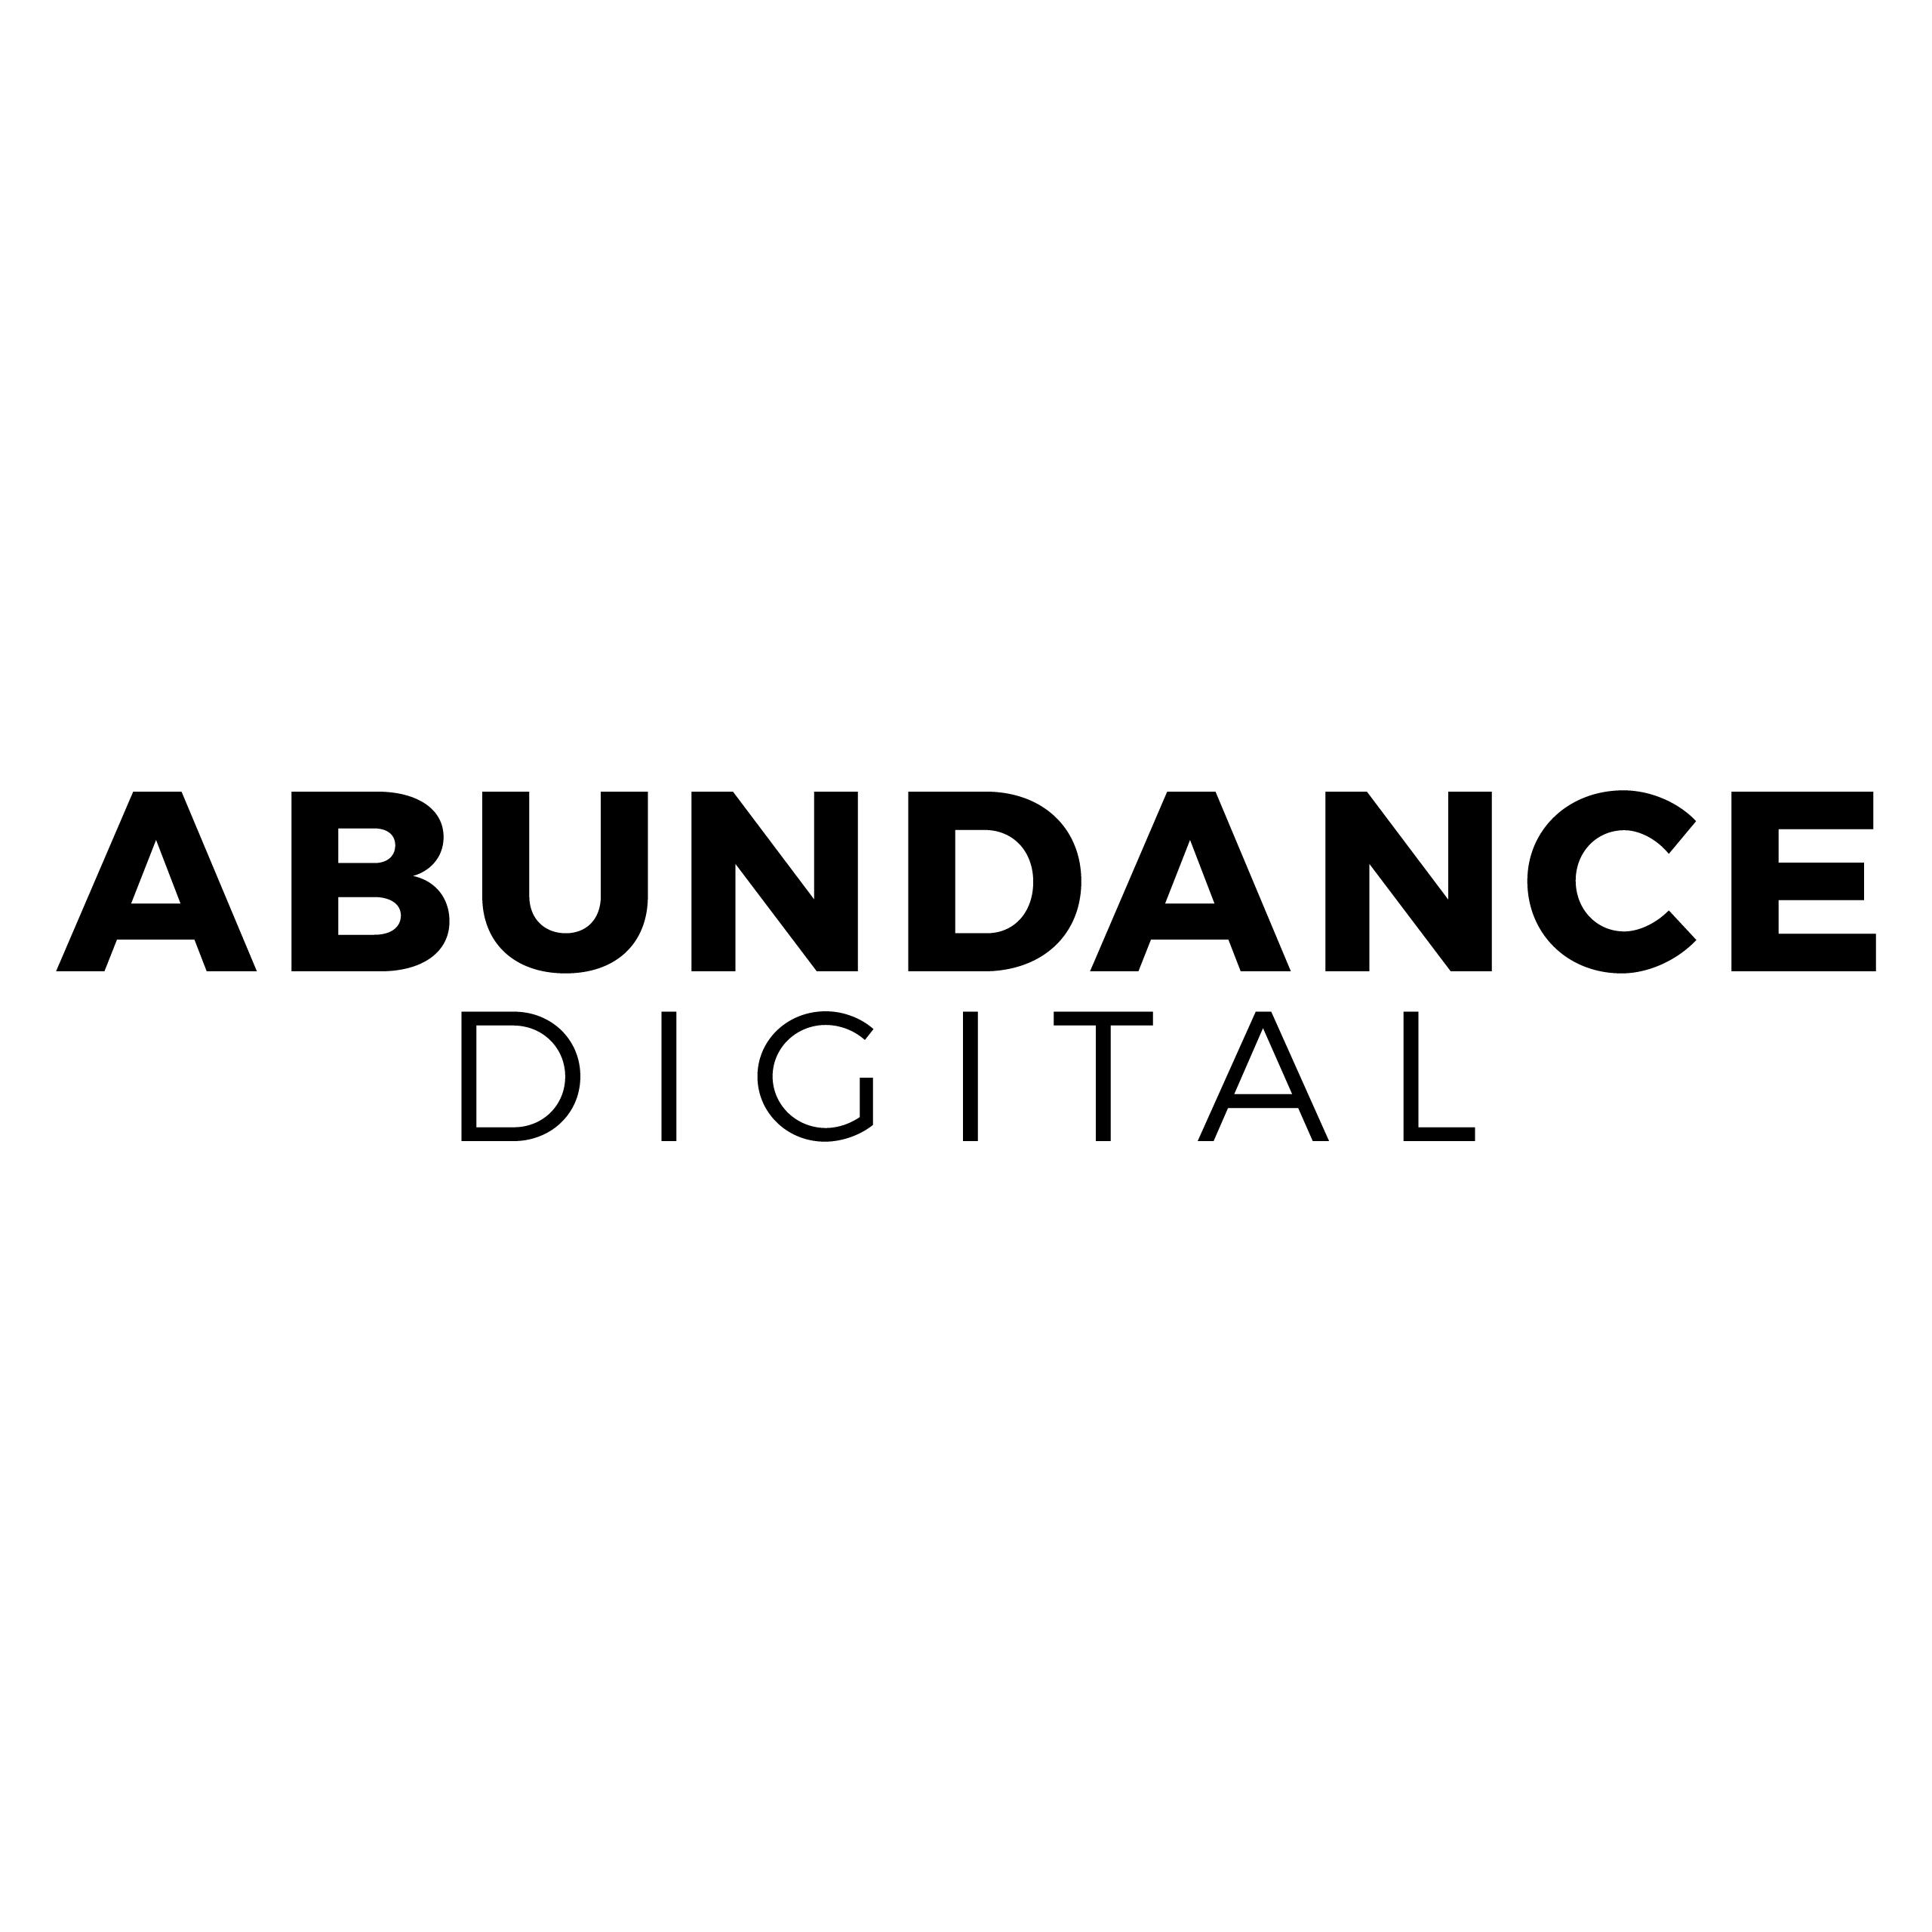 Abundance Digital